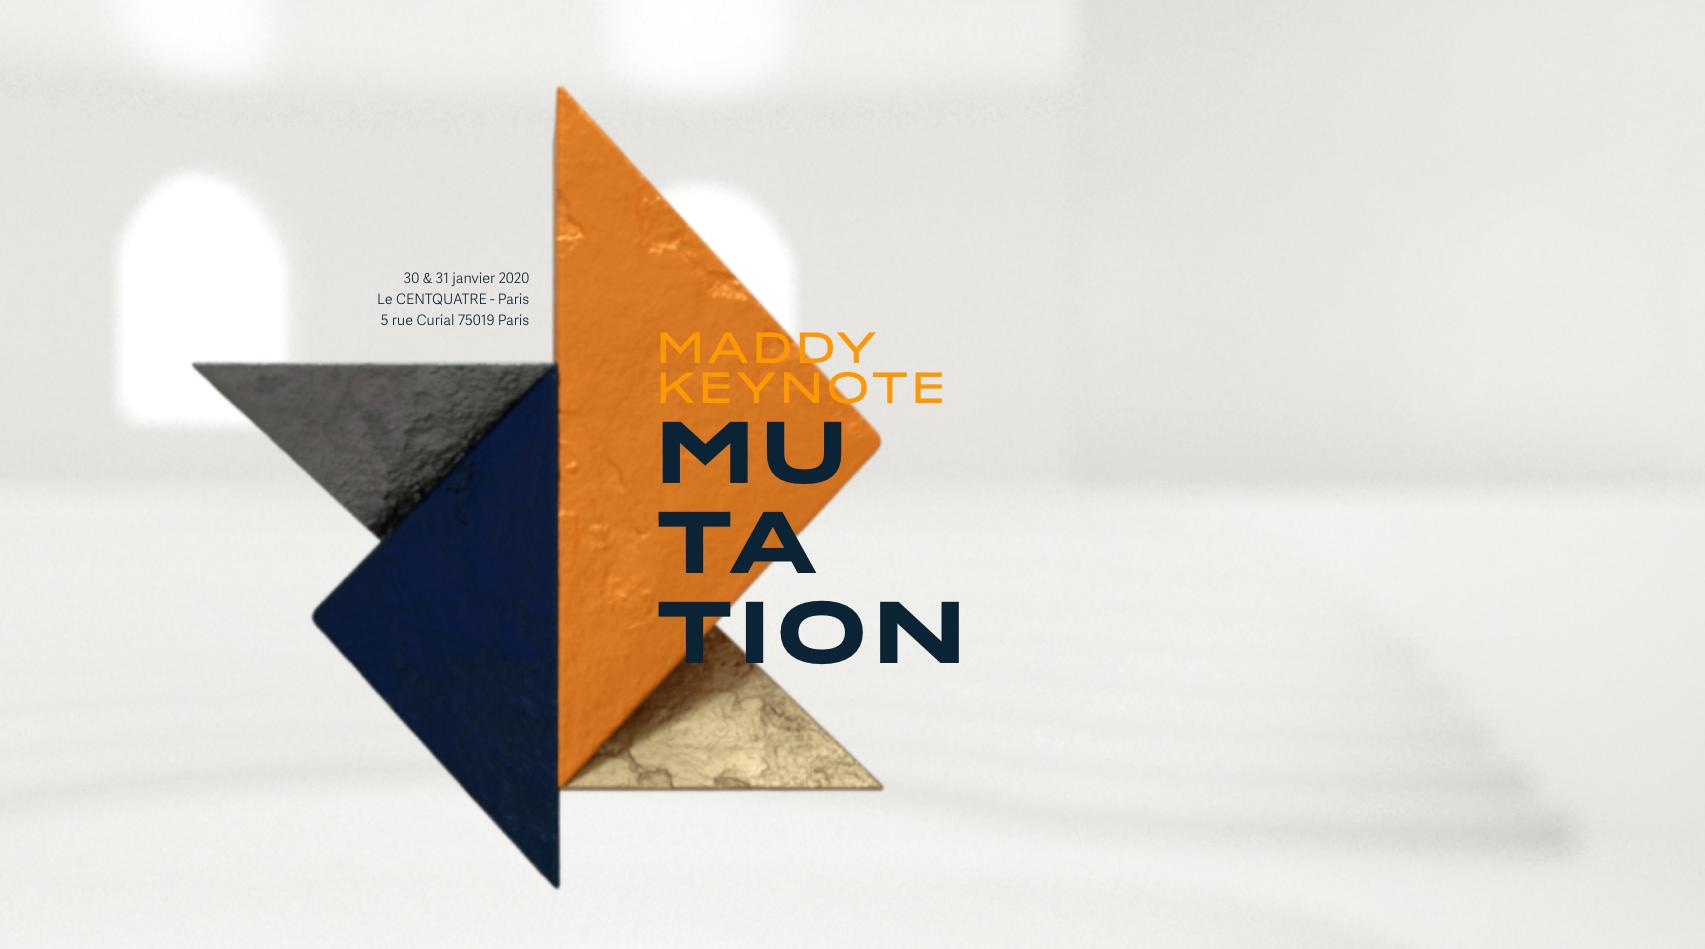 image 20 places à gagner pour la 5ème édition de la Maddy Keynote!